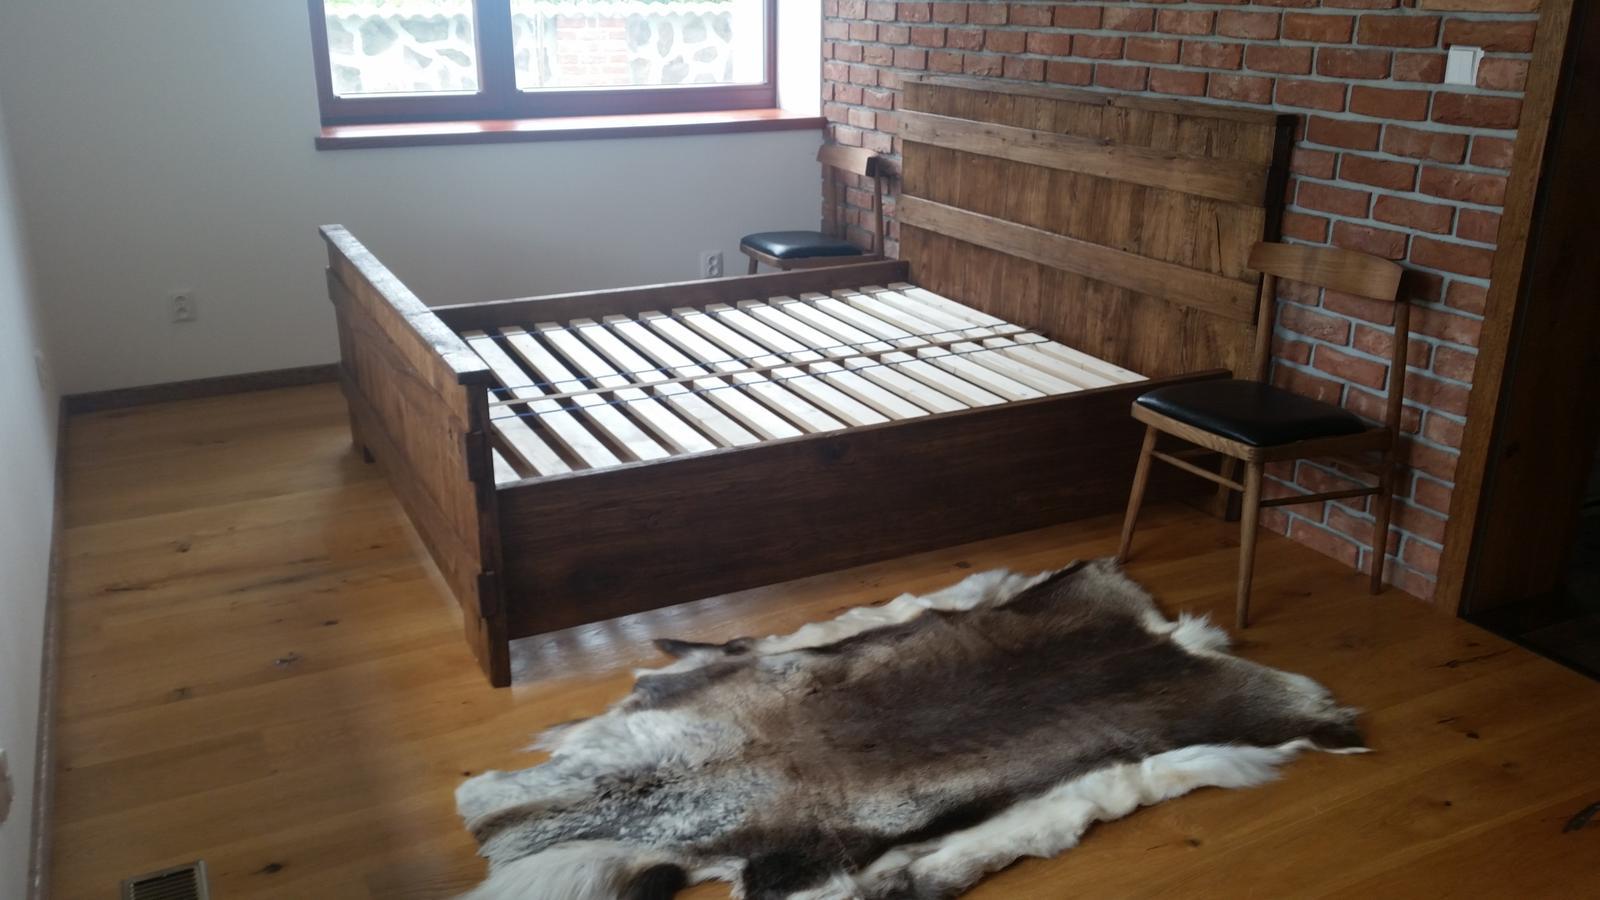 Náš interier - Spálňa...zatiaľ bez matrací a bez nočných stolíkov...